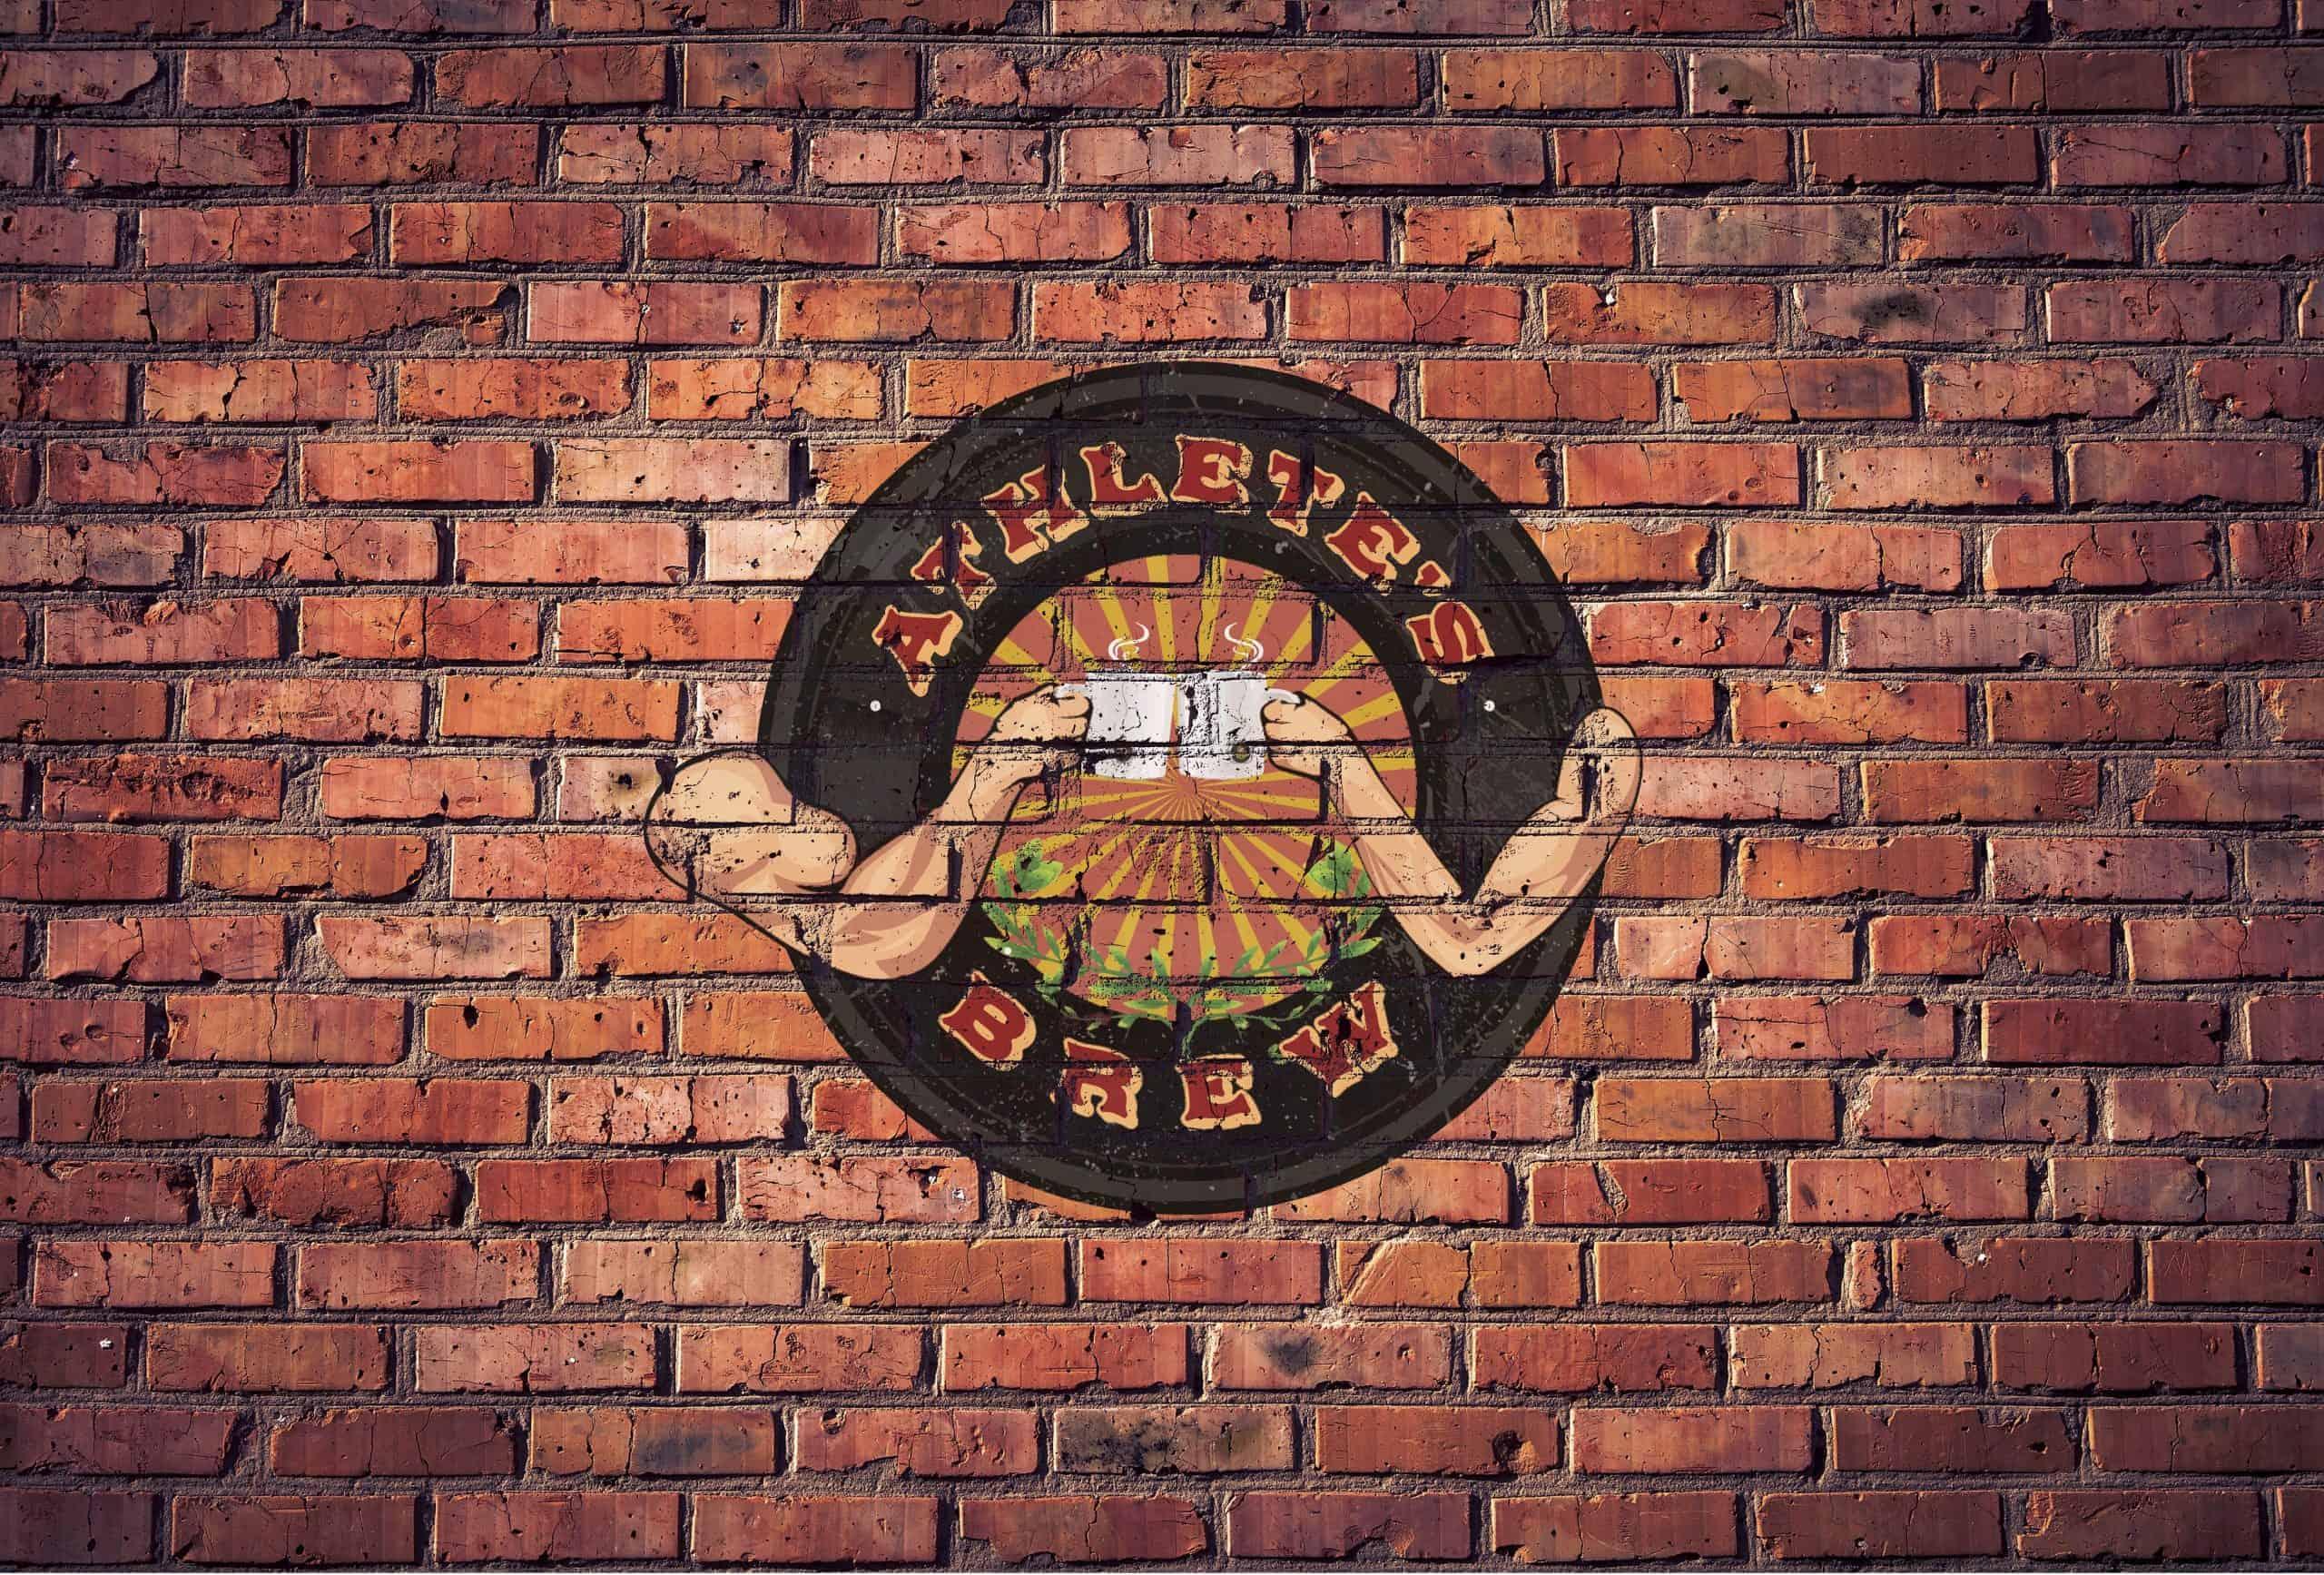 Athlete's brew - UK based